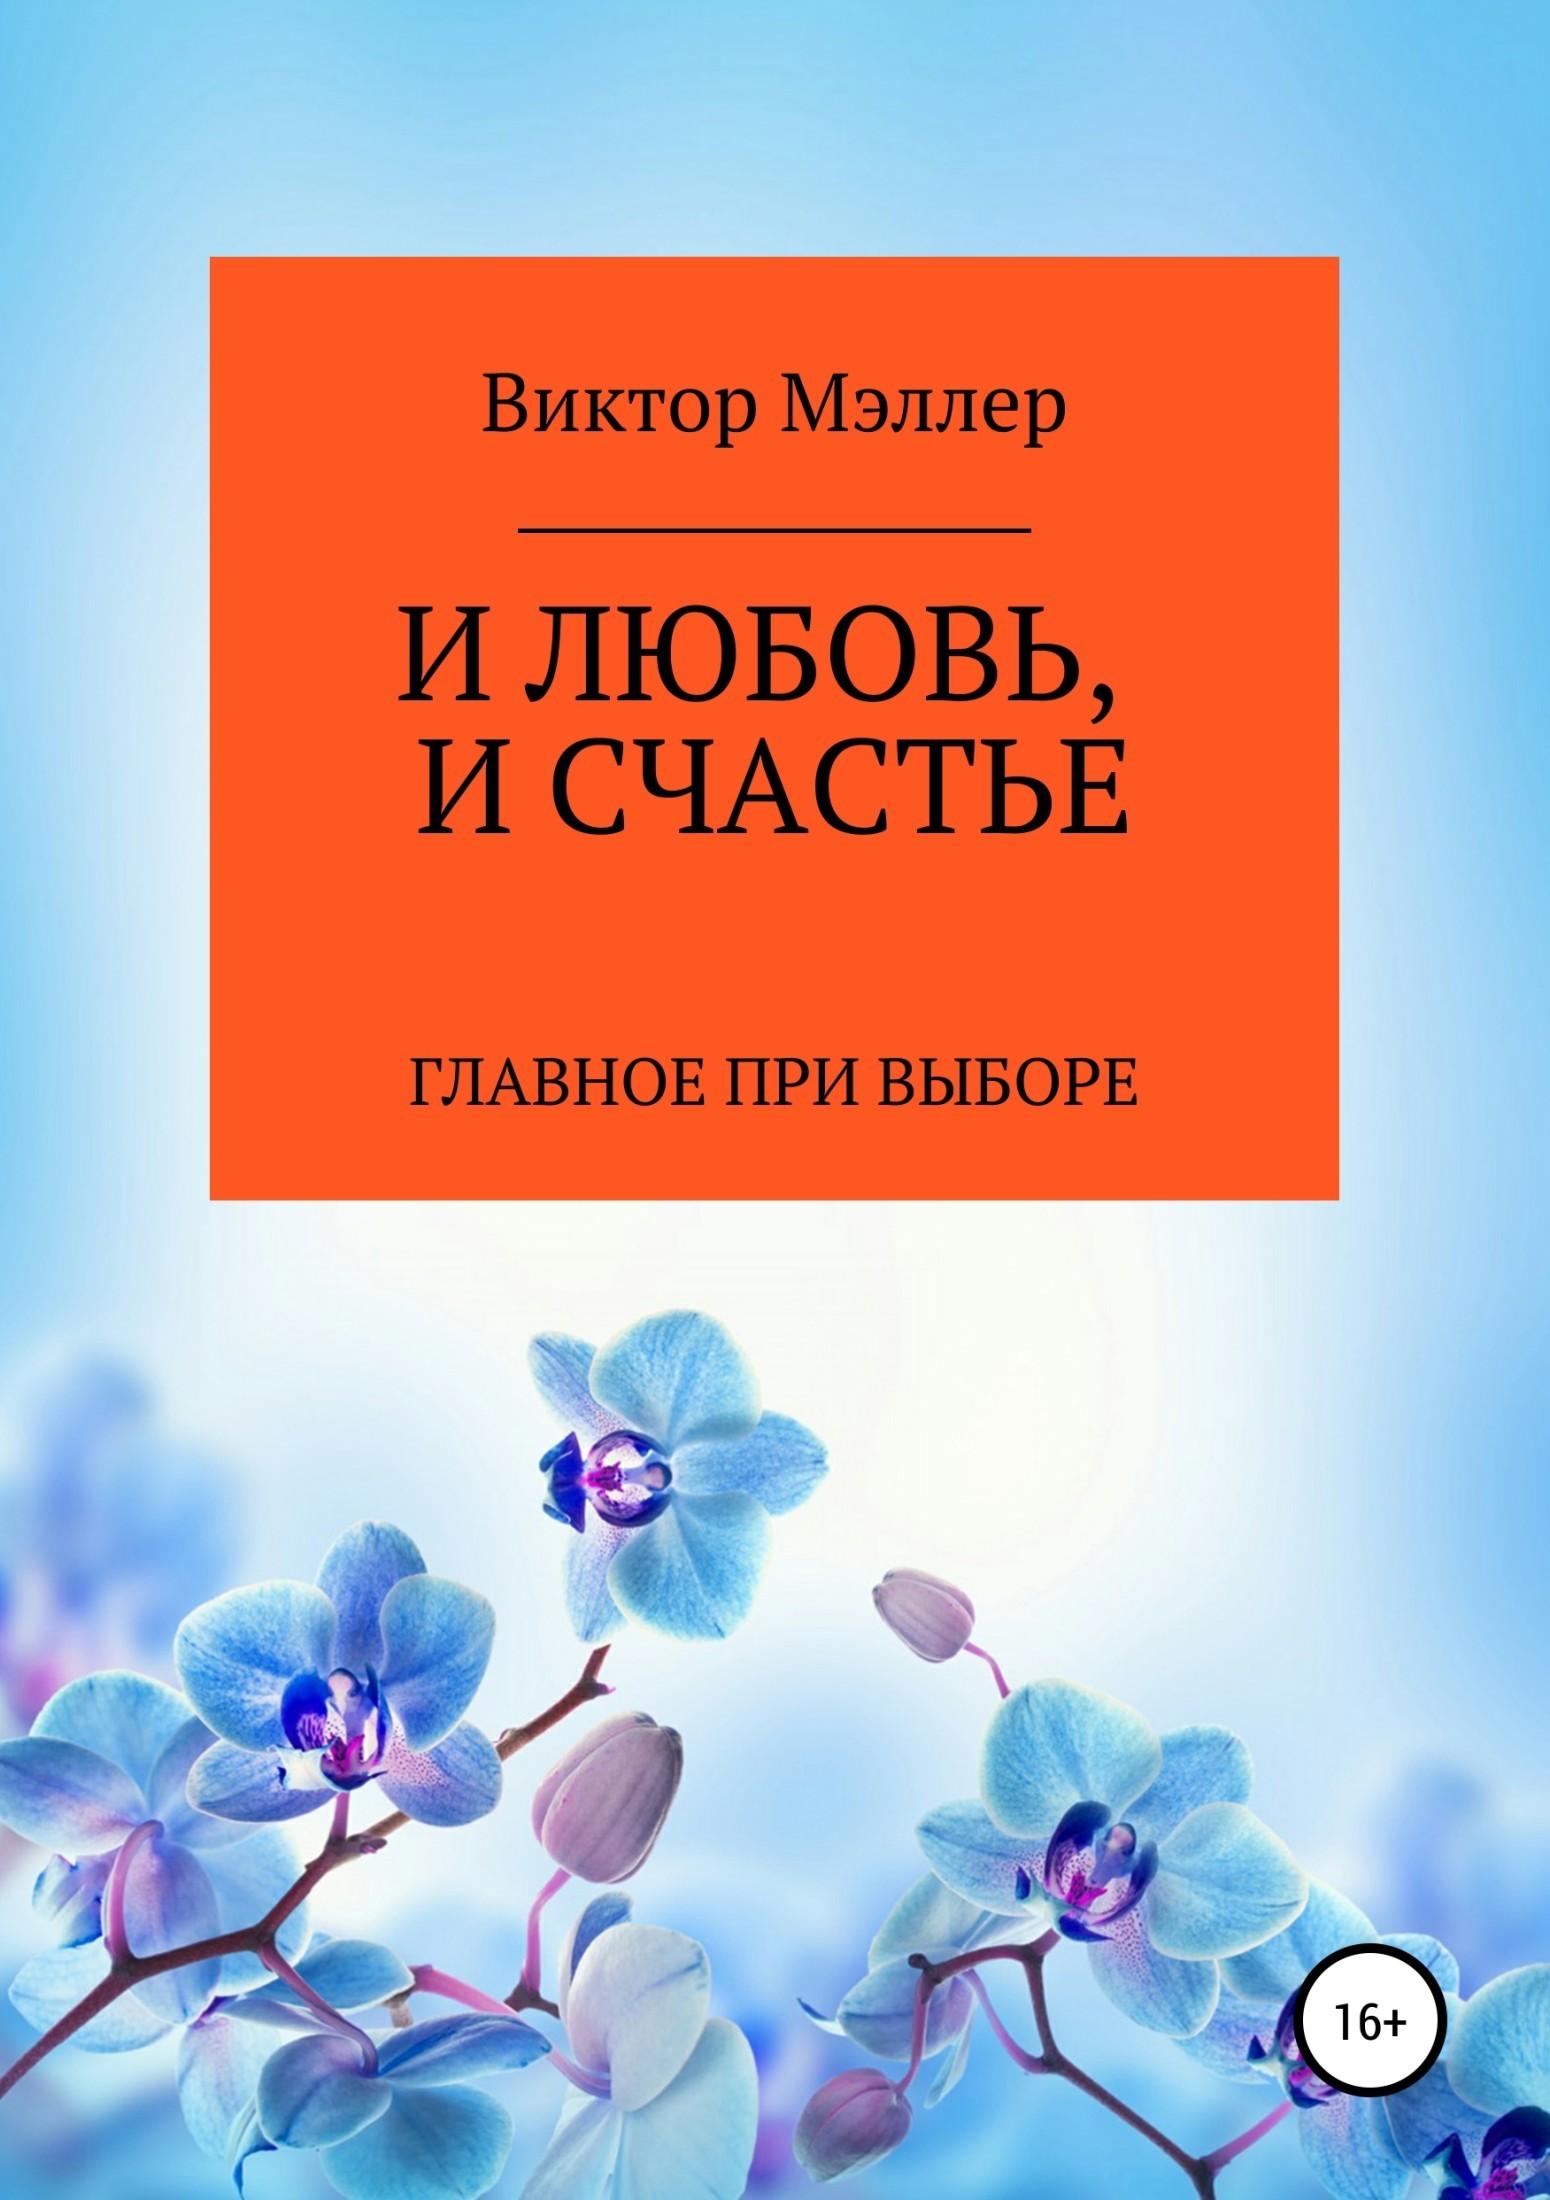 ВИКТОР ГРИГОРЬЕВИЧ МЭЛЛЕР И любовь, и счастье виктор григорьевич мэллер ключ к истинам